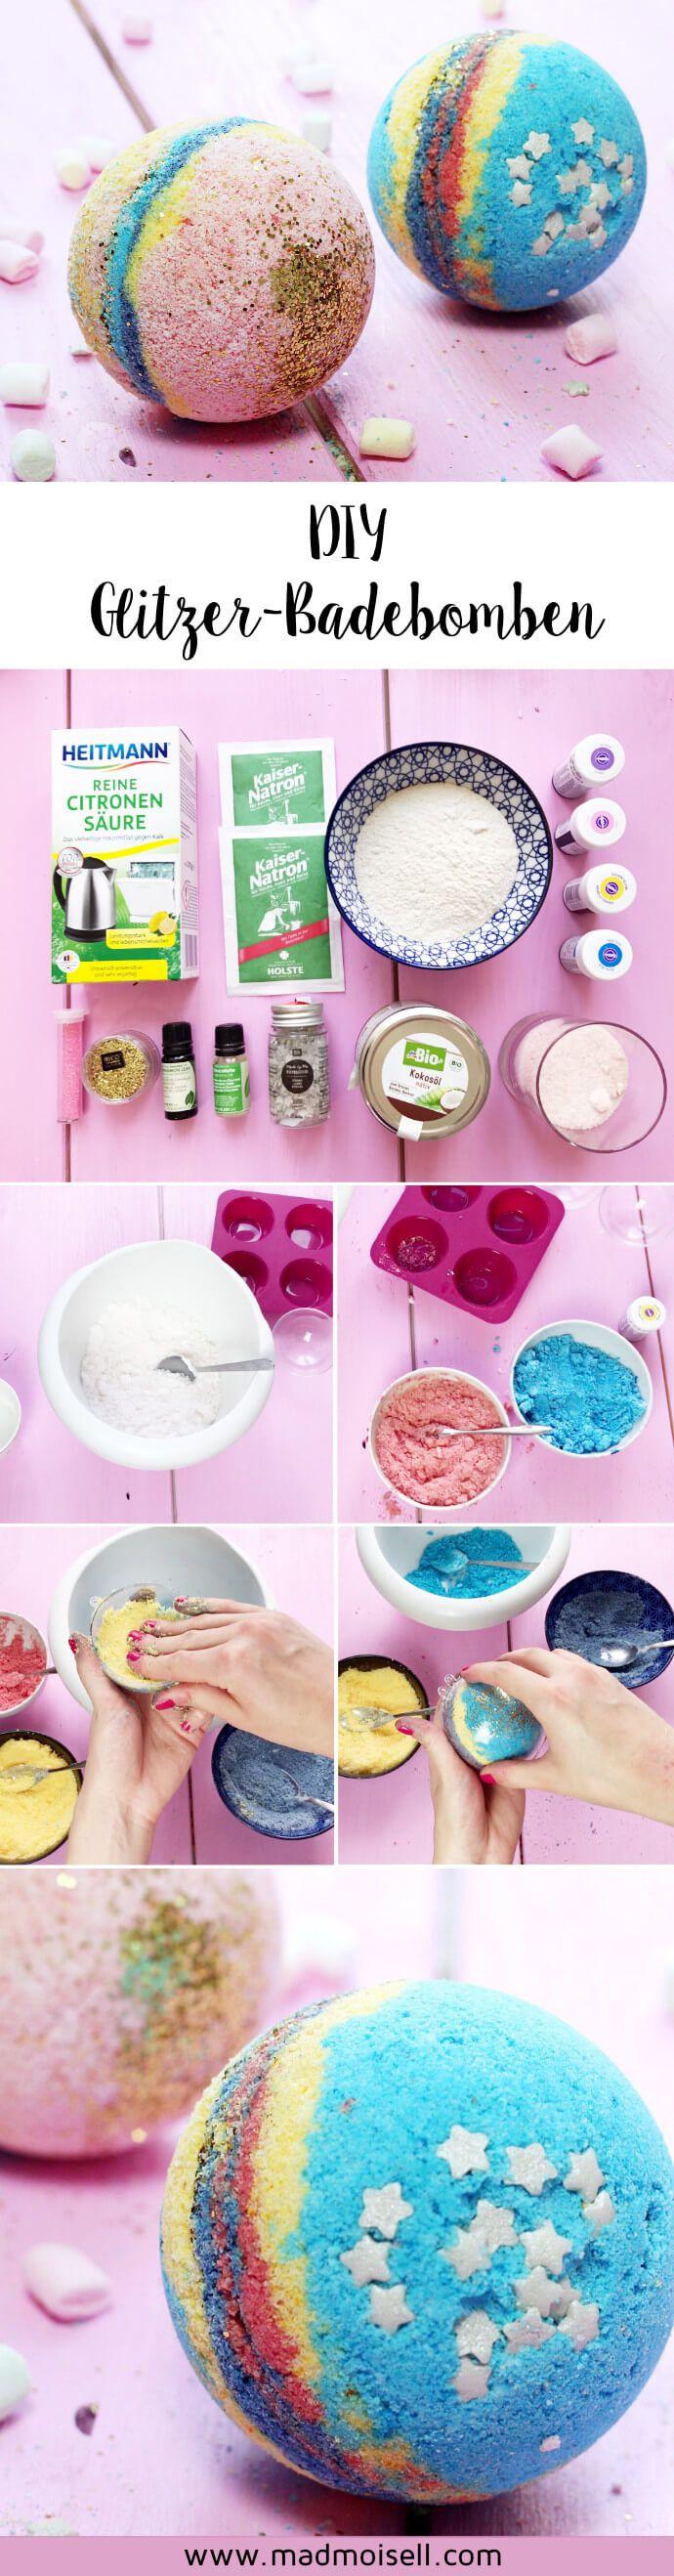 DIY Glitzer Badebomben im Lush-Style selber machen: Einfache DIY Anleitung für selbst gemachte Badebomben. (Cool Diy)